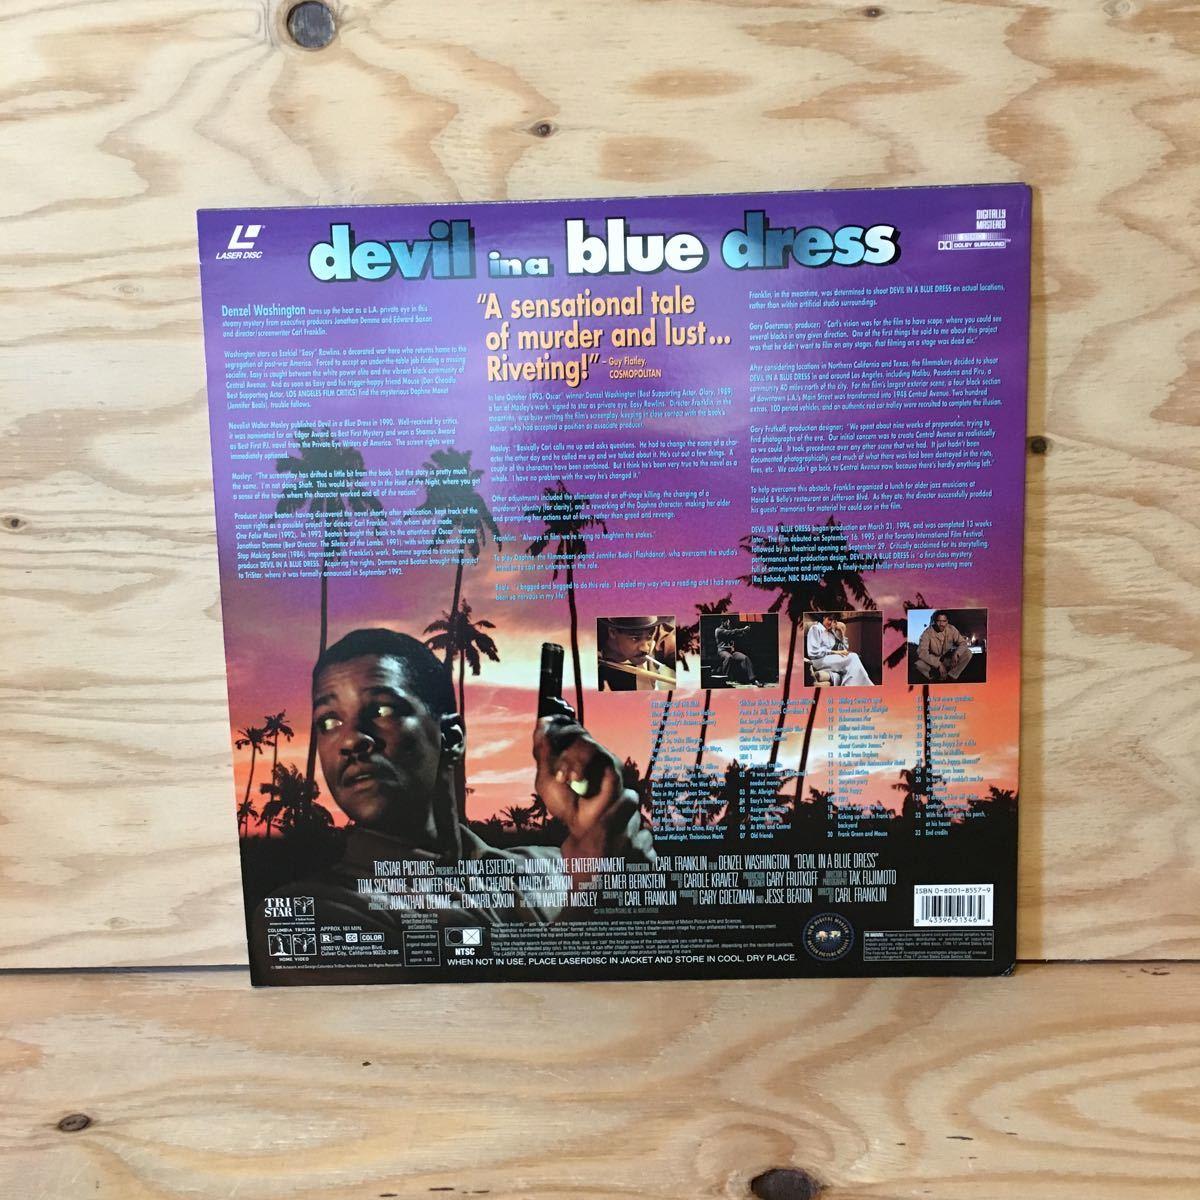 ◎Y3FJJC-200225 レア[DEVIL IN A BLUE DRESS 輸入盤]LD レーザーディスク DENZEL WASHINGTON CARL FRANKLIN_画像2